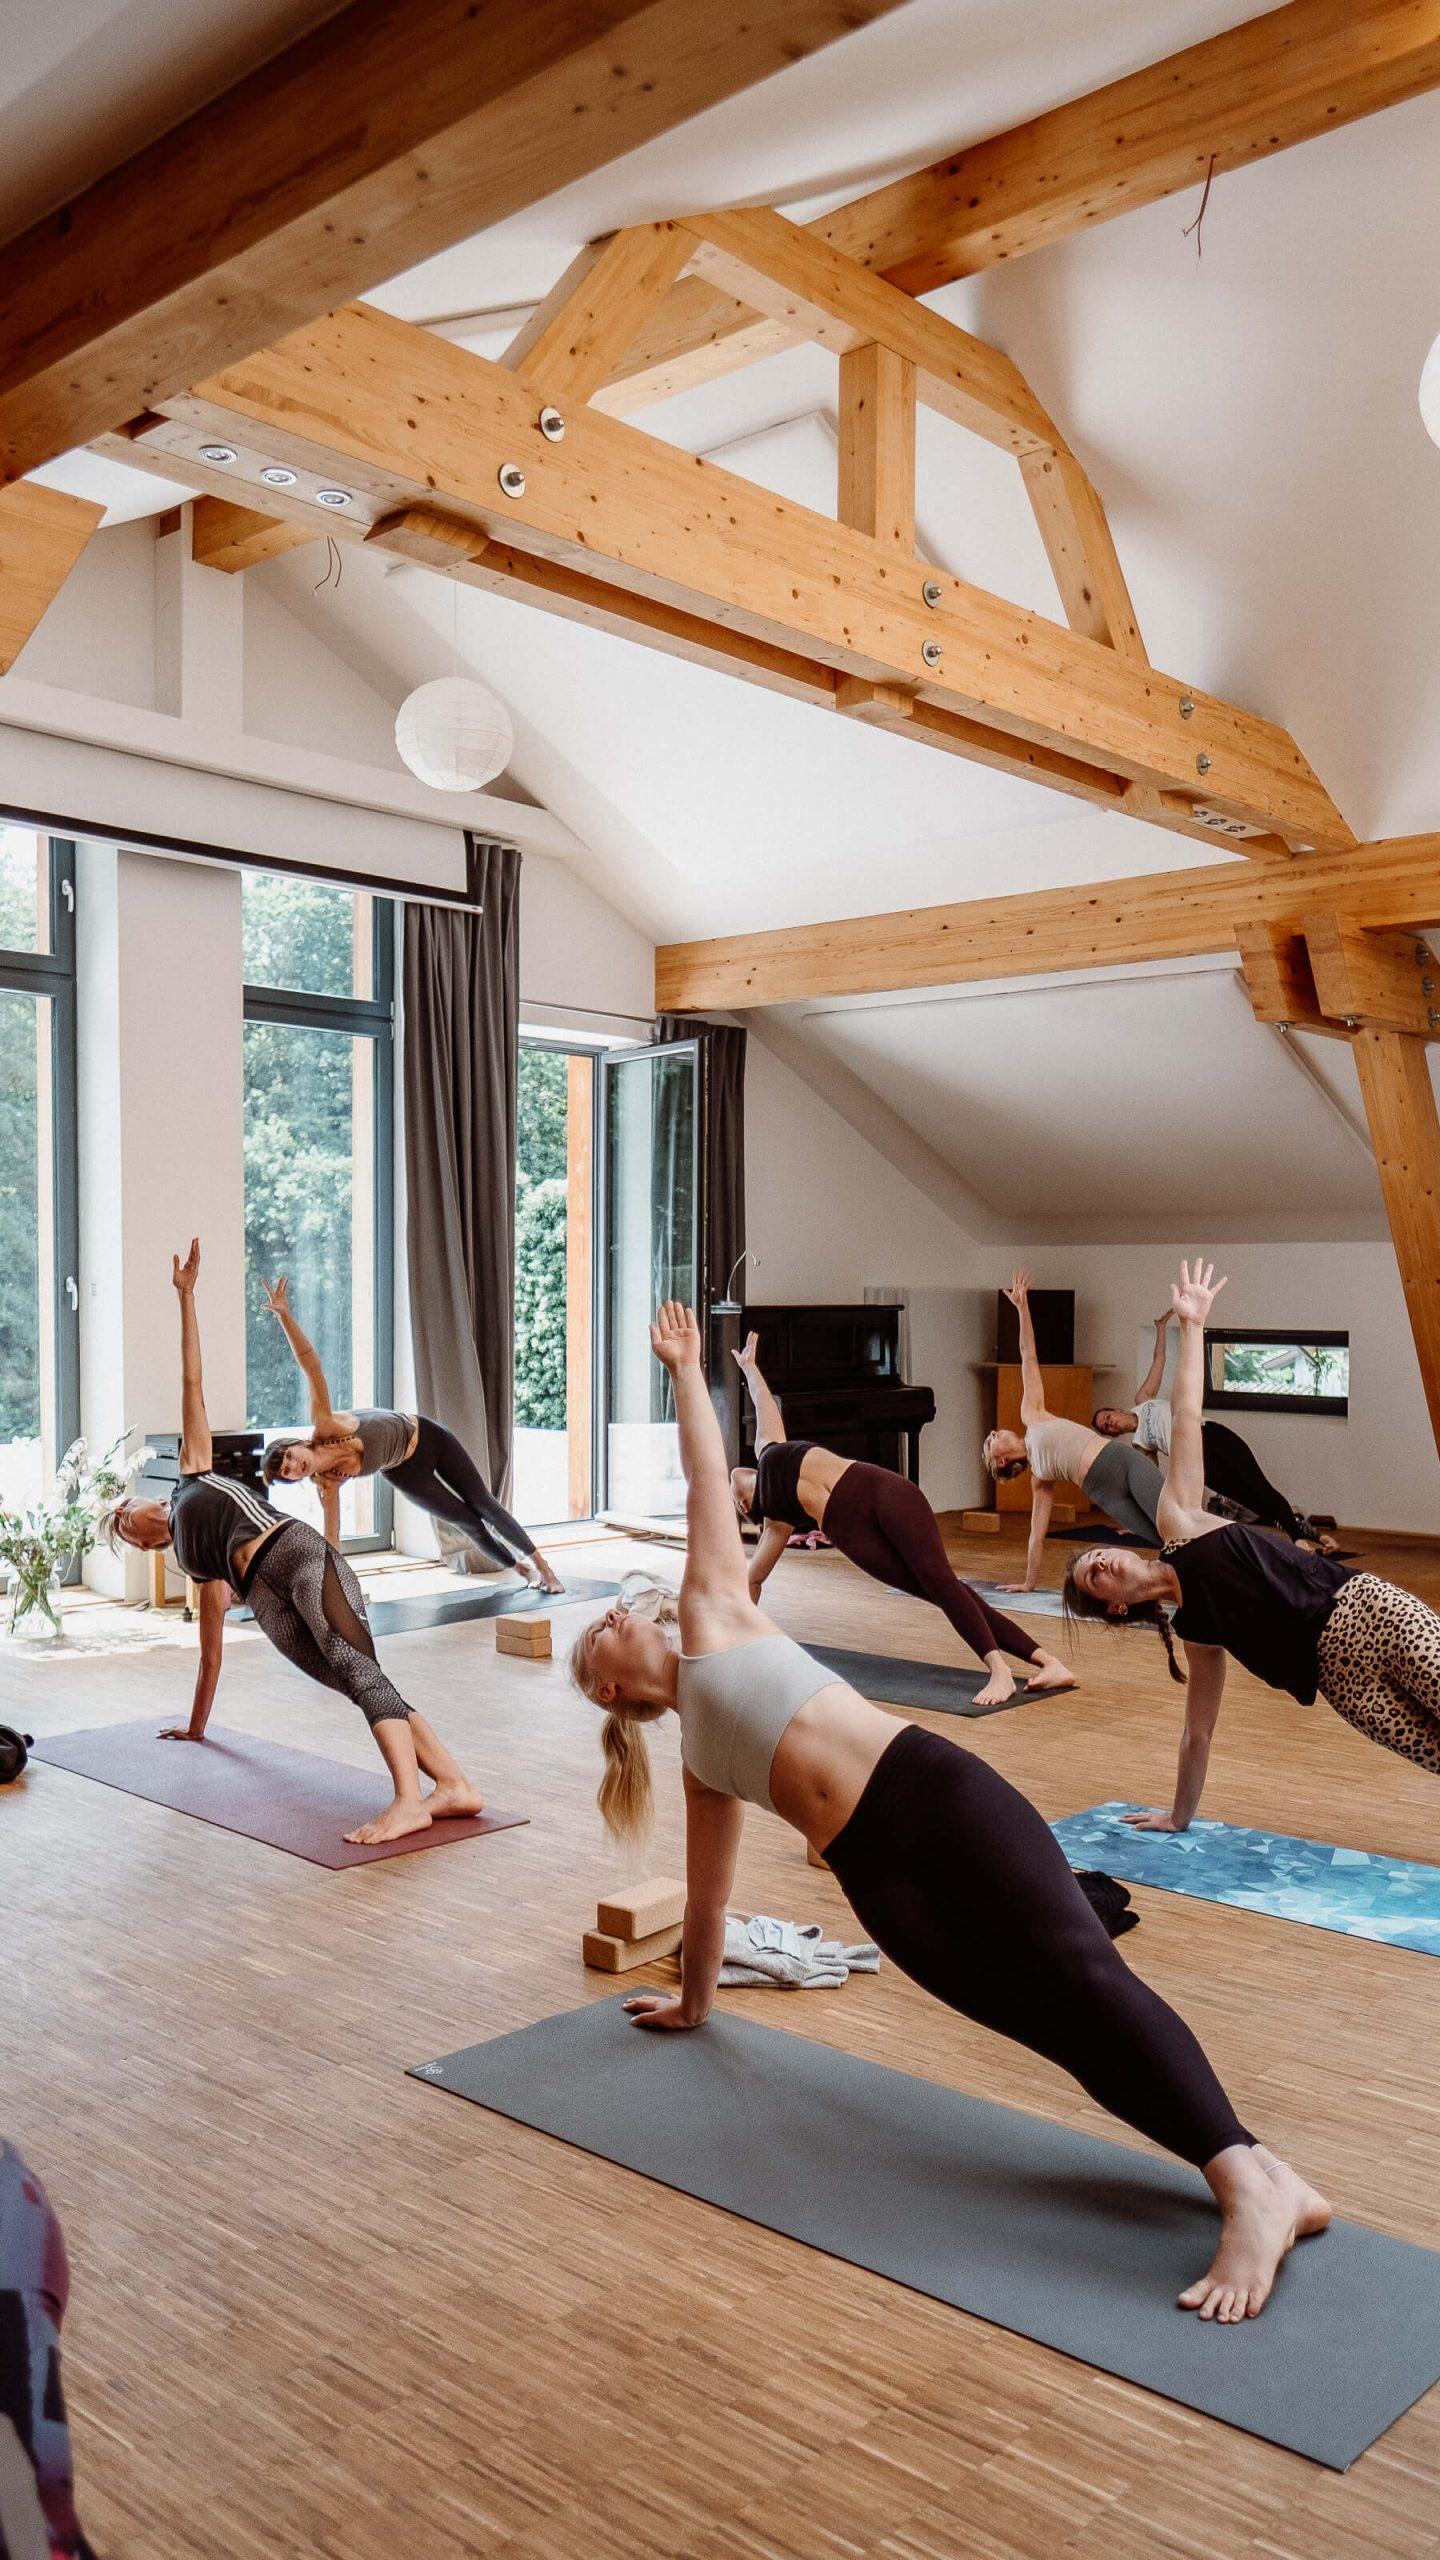 Mein erstes Yoga Retreat – Meine Erfahrungen